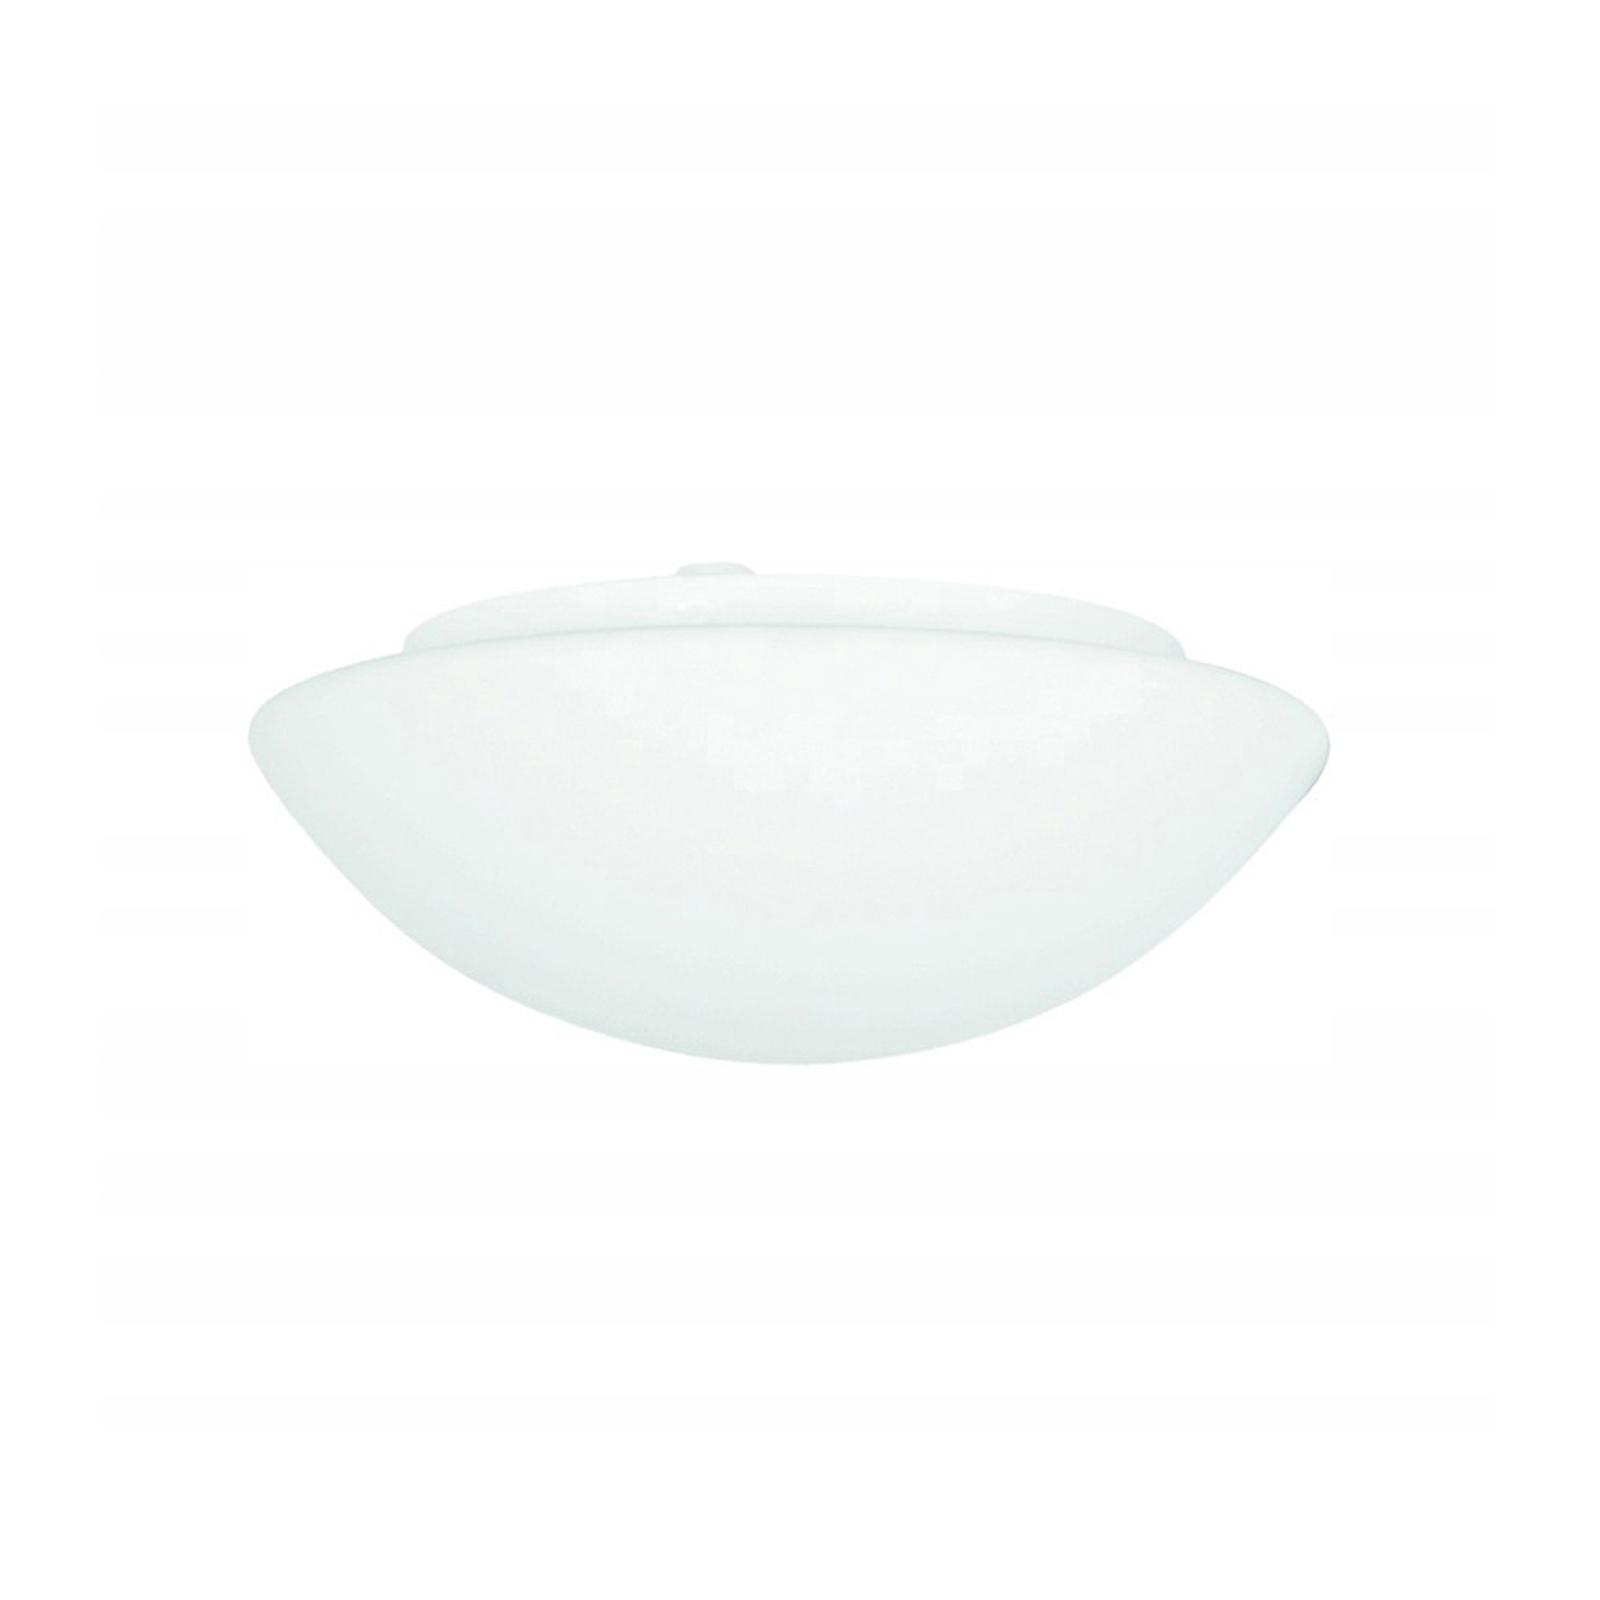 Koupelnové stropní světlo Twister Ø 30cm, 1 x 60 W